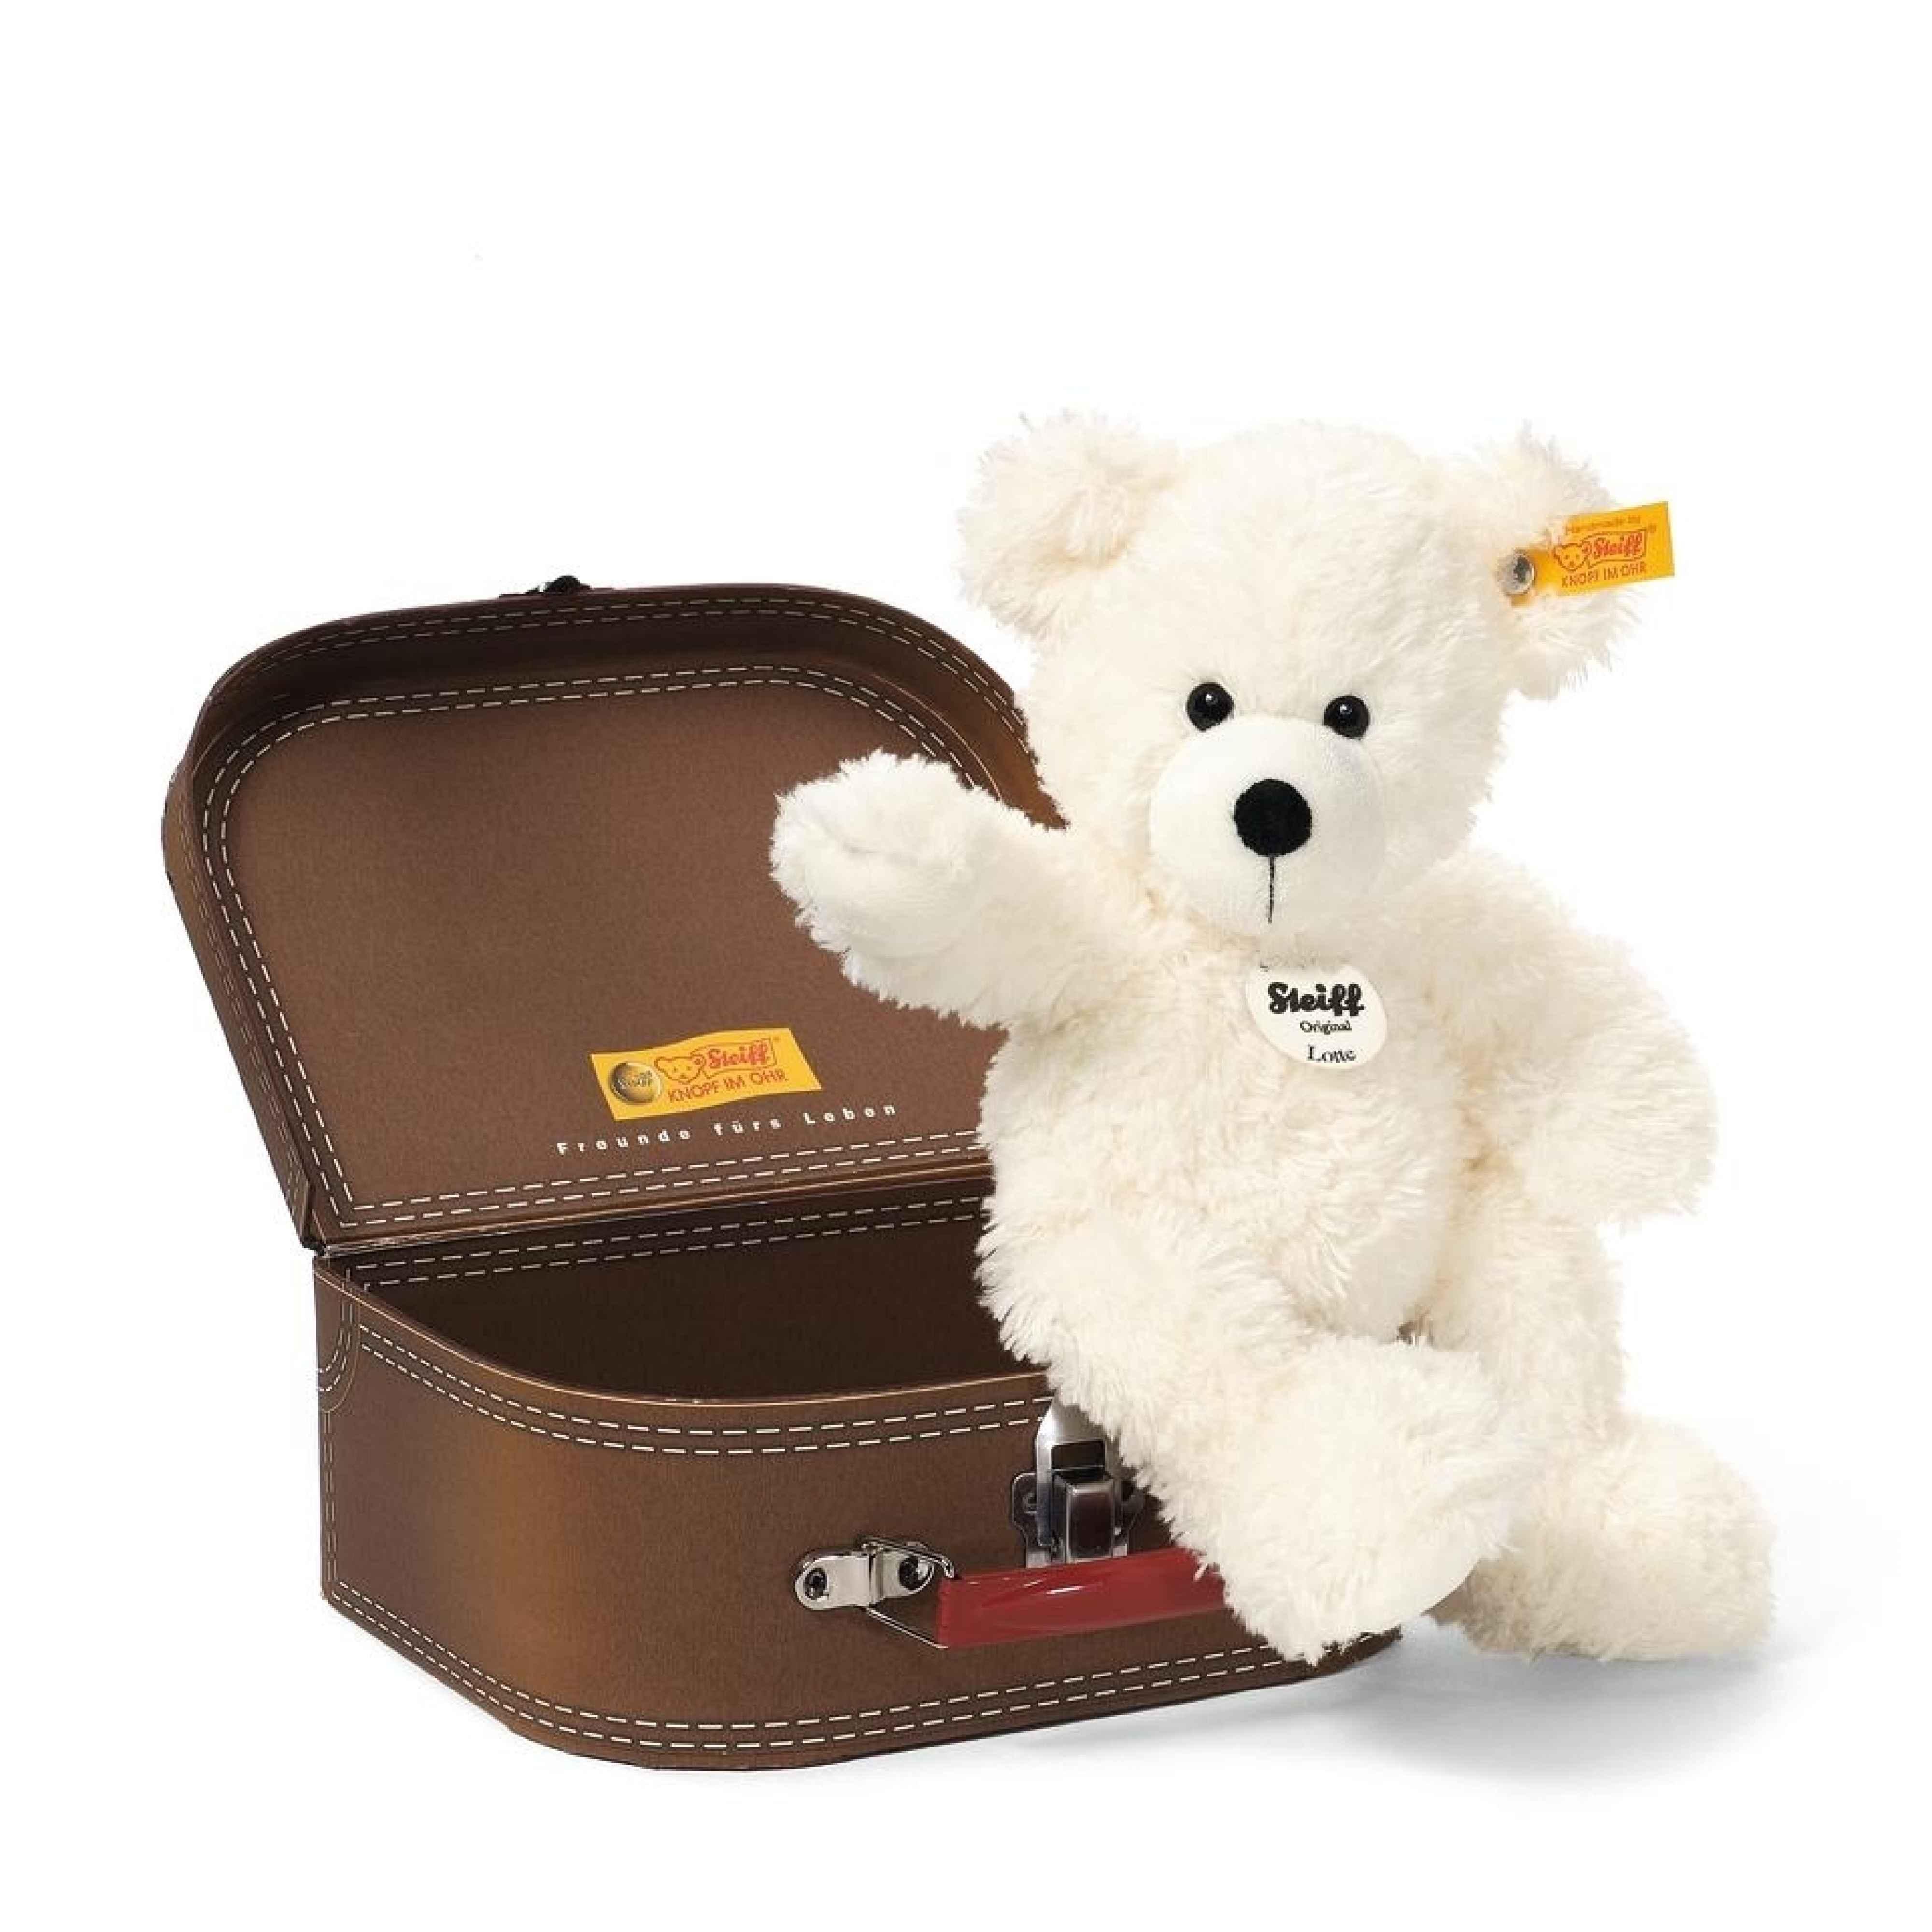 LOTTE TEDDY BEAR IN SUITCASE